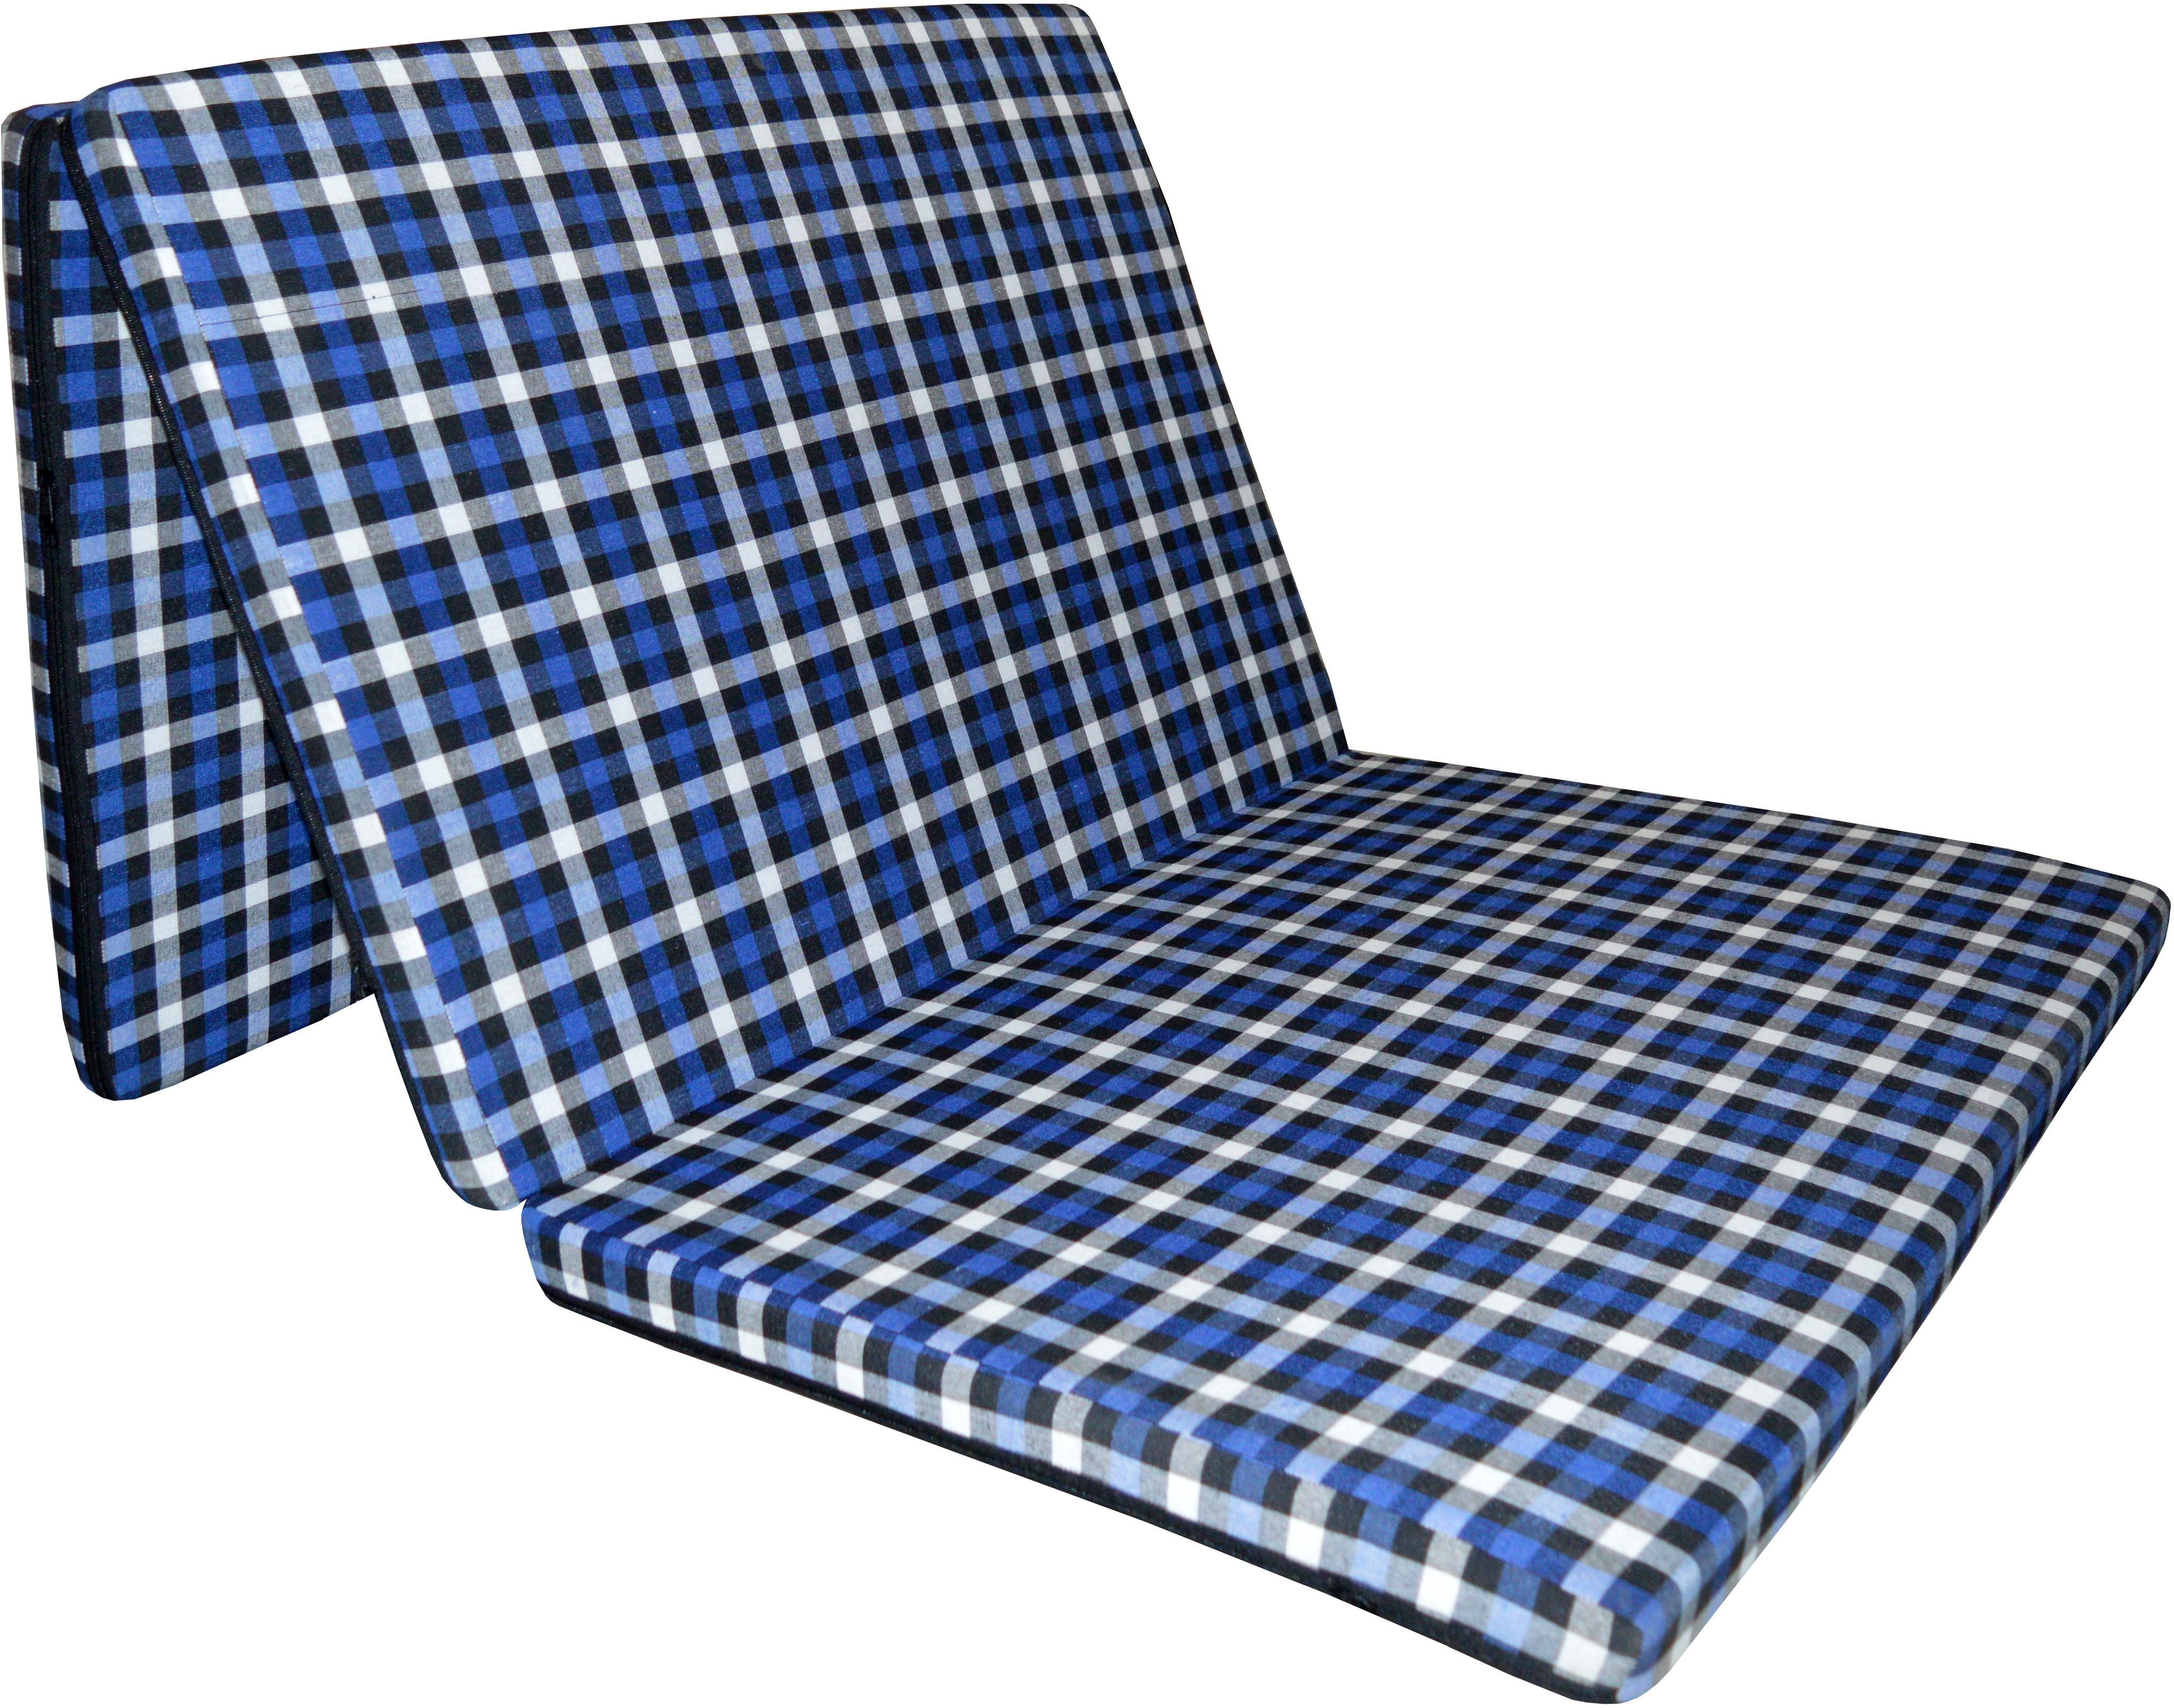 View Satcap 2 inch Single Foam Mattress Furniture (Satcap)